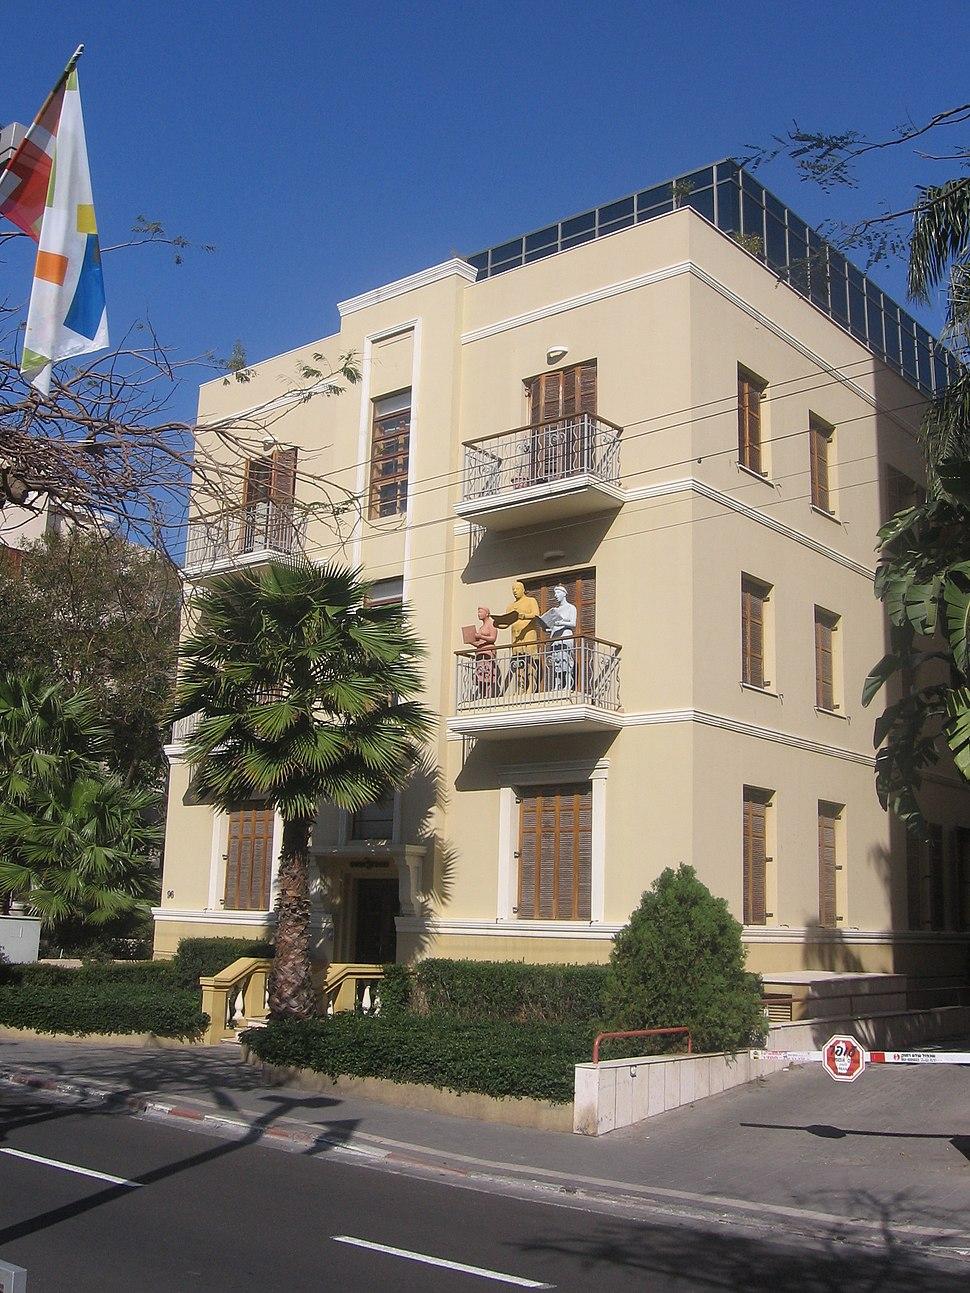 31.03.09 Tel Aviv 070 Rotschild 96